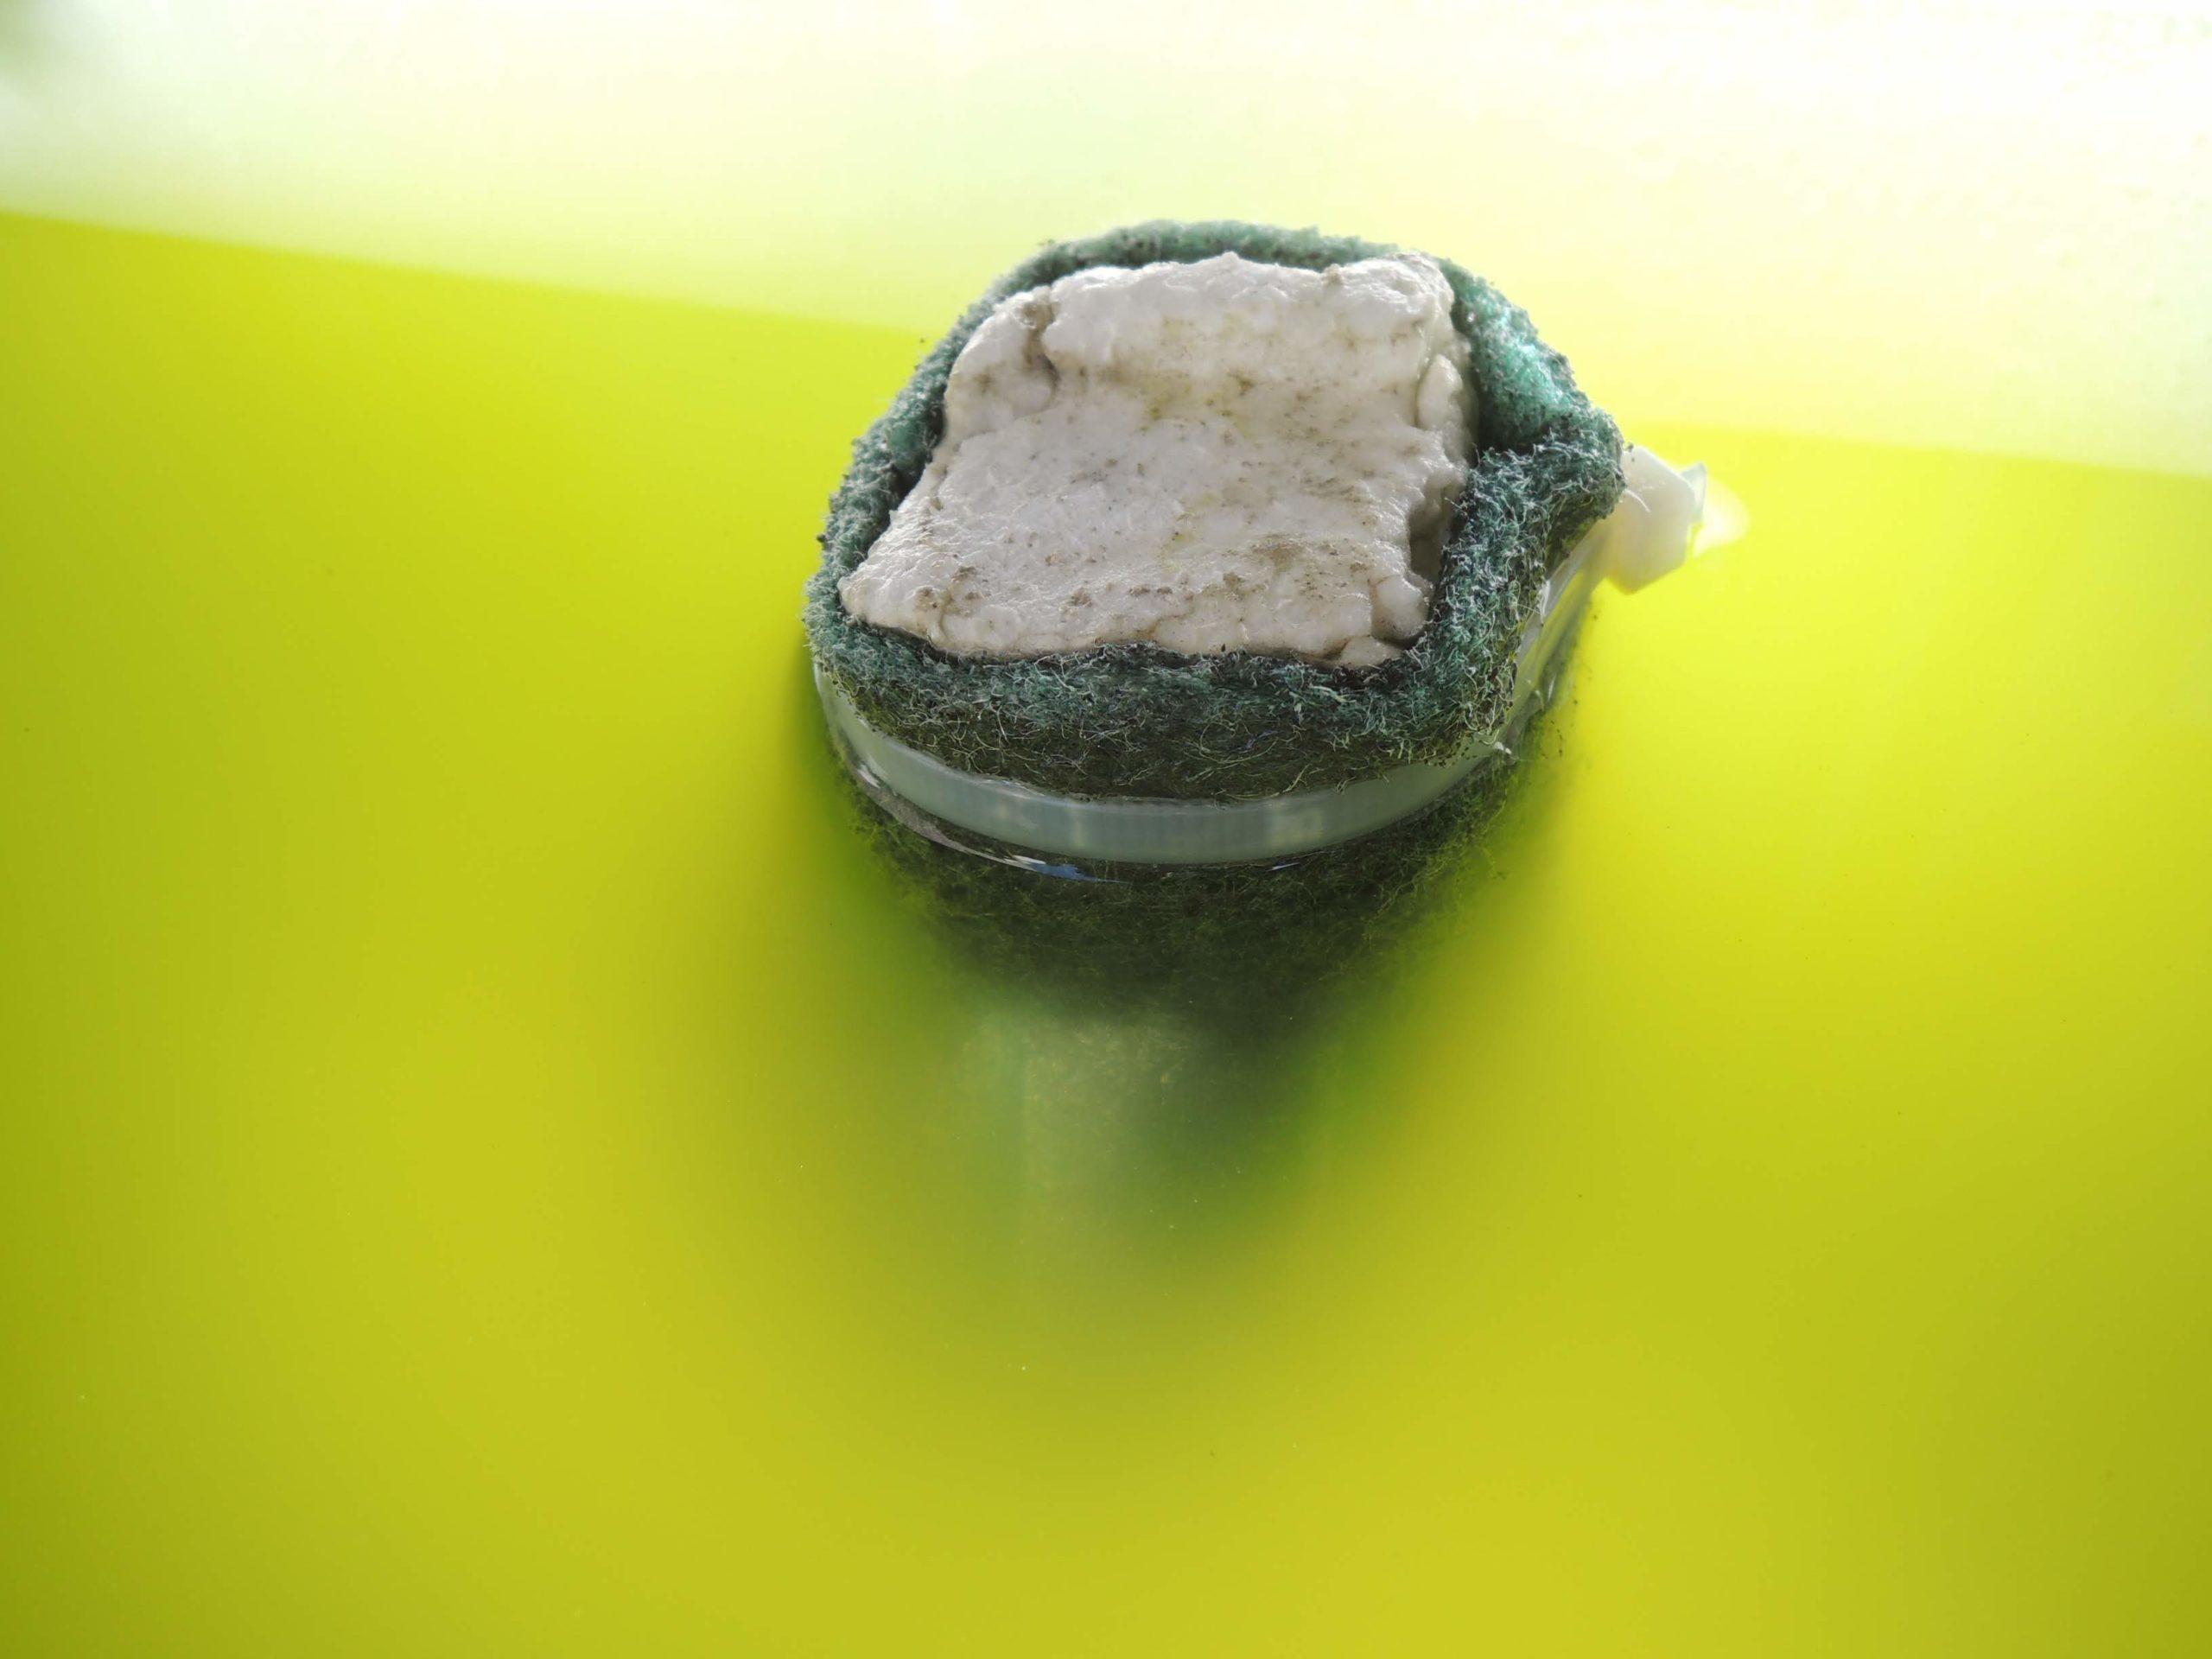 美しい緑茶カラーの飼育水に浮かぶメダカの産卵床